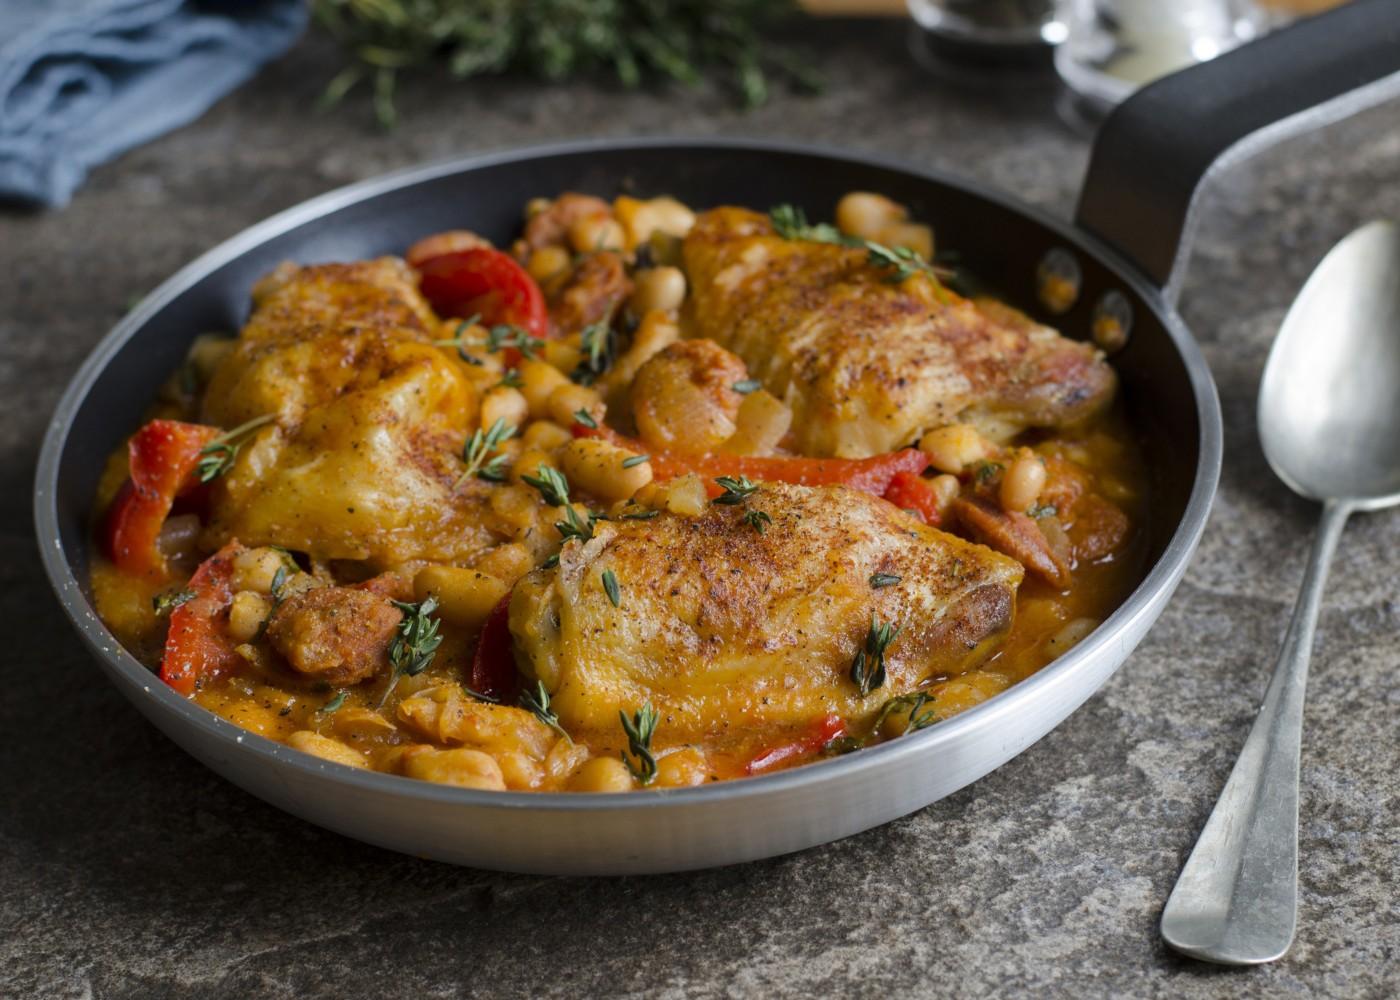 Estufado de frango e grão-de-bico